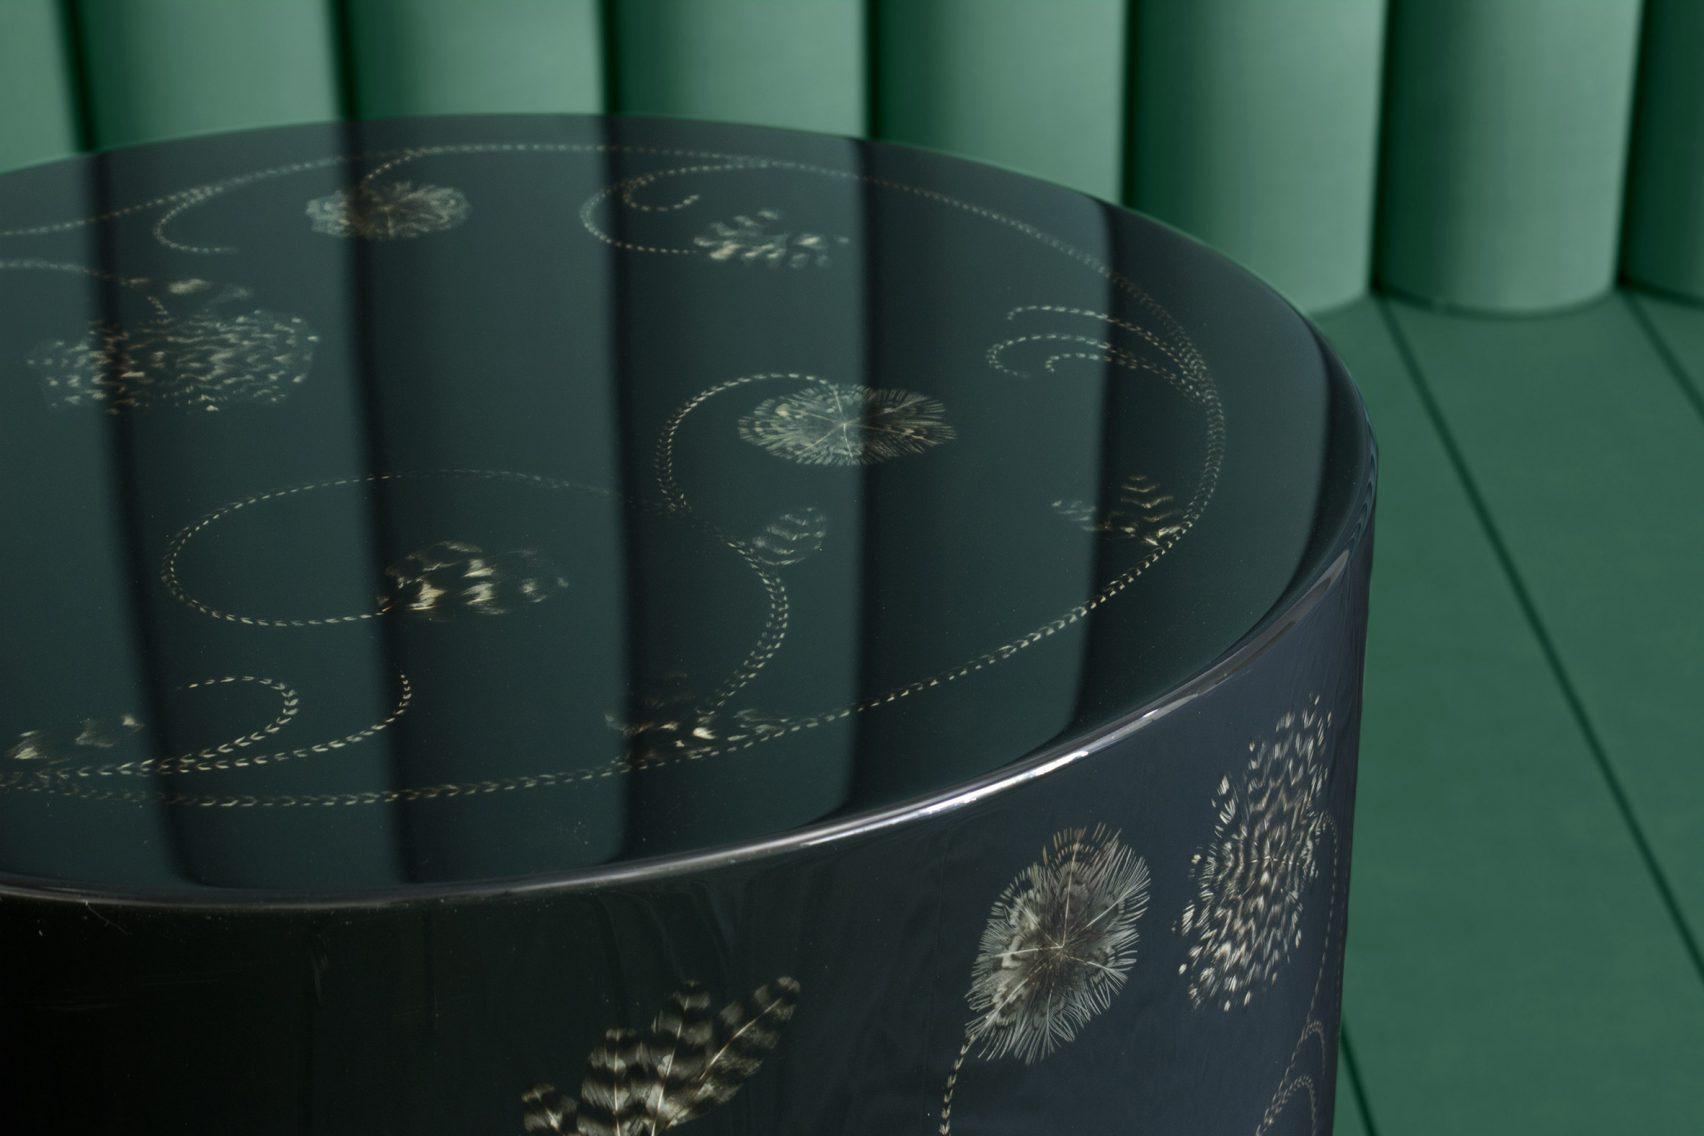 Mesa hecha de concha nacar con inscrustacion de plumas